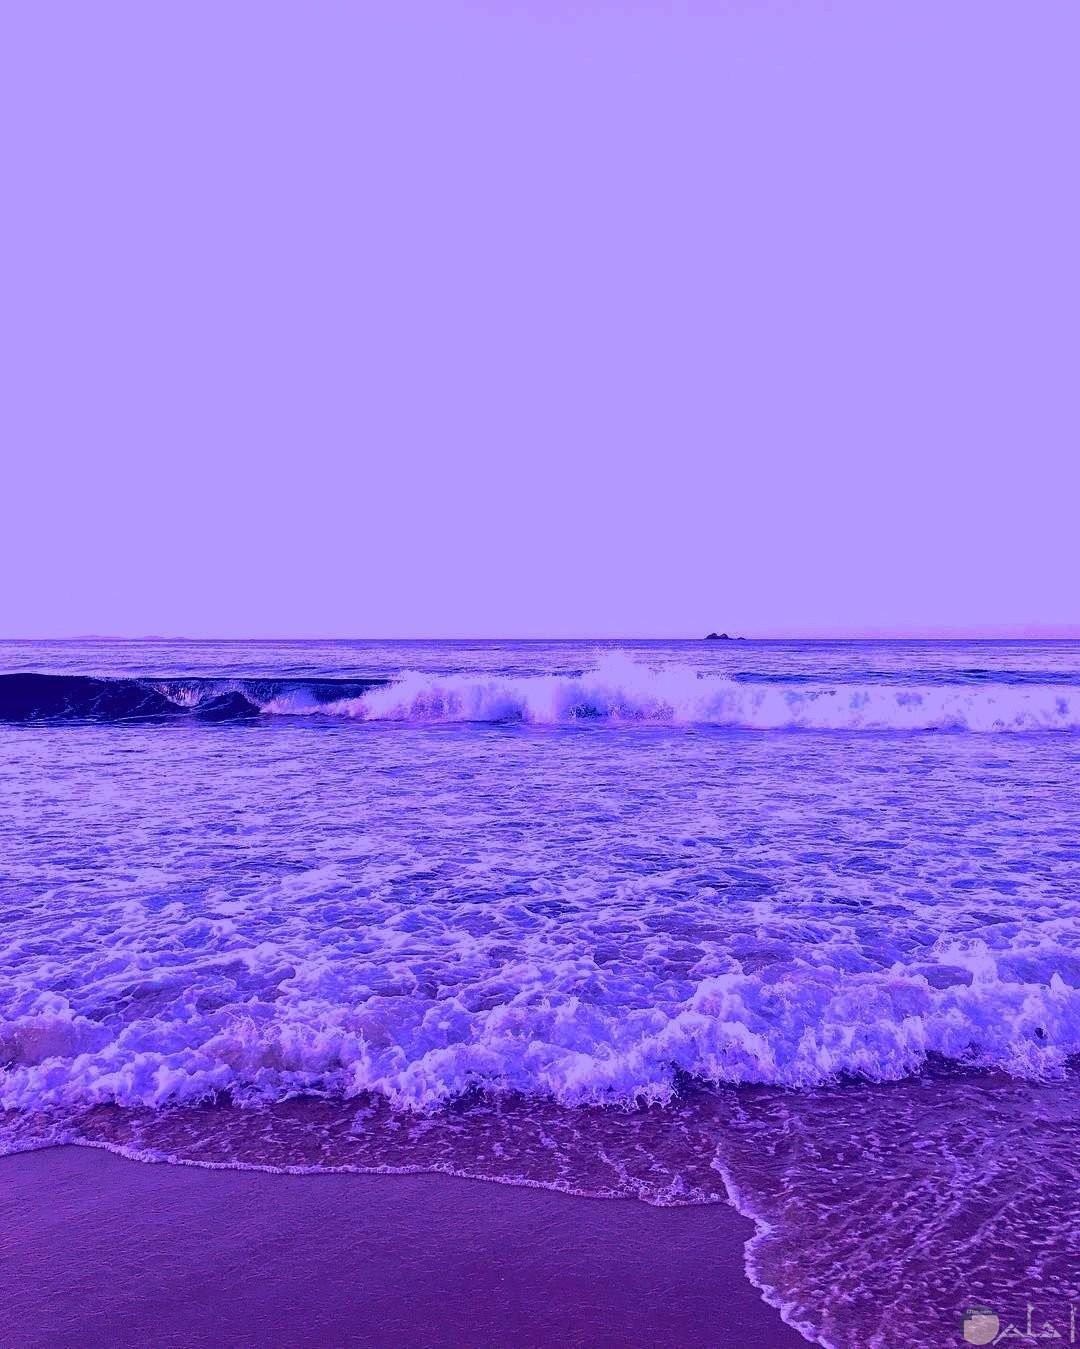 عشاق البحر و اللون البنفسجي.